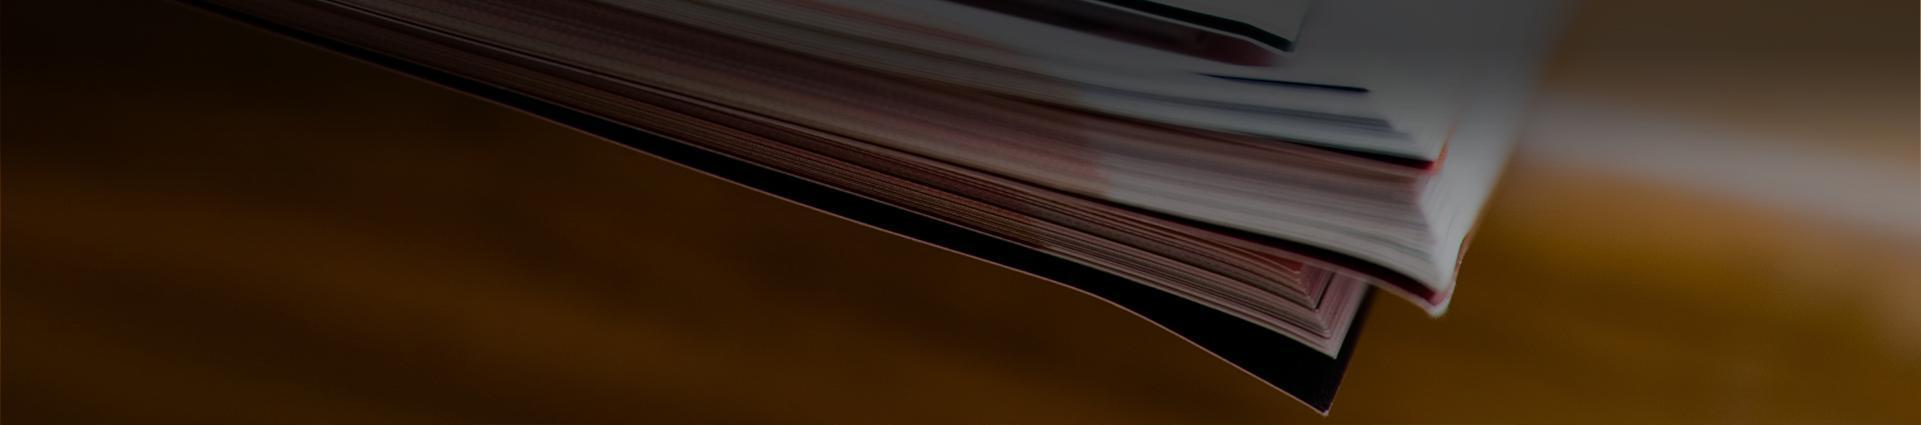 strony w książce